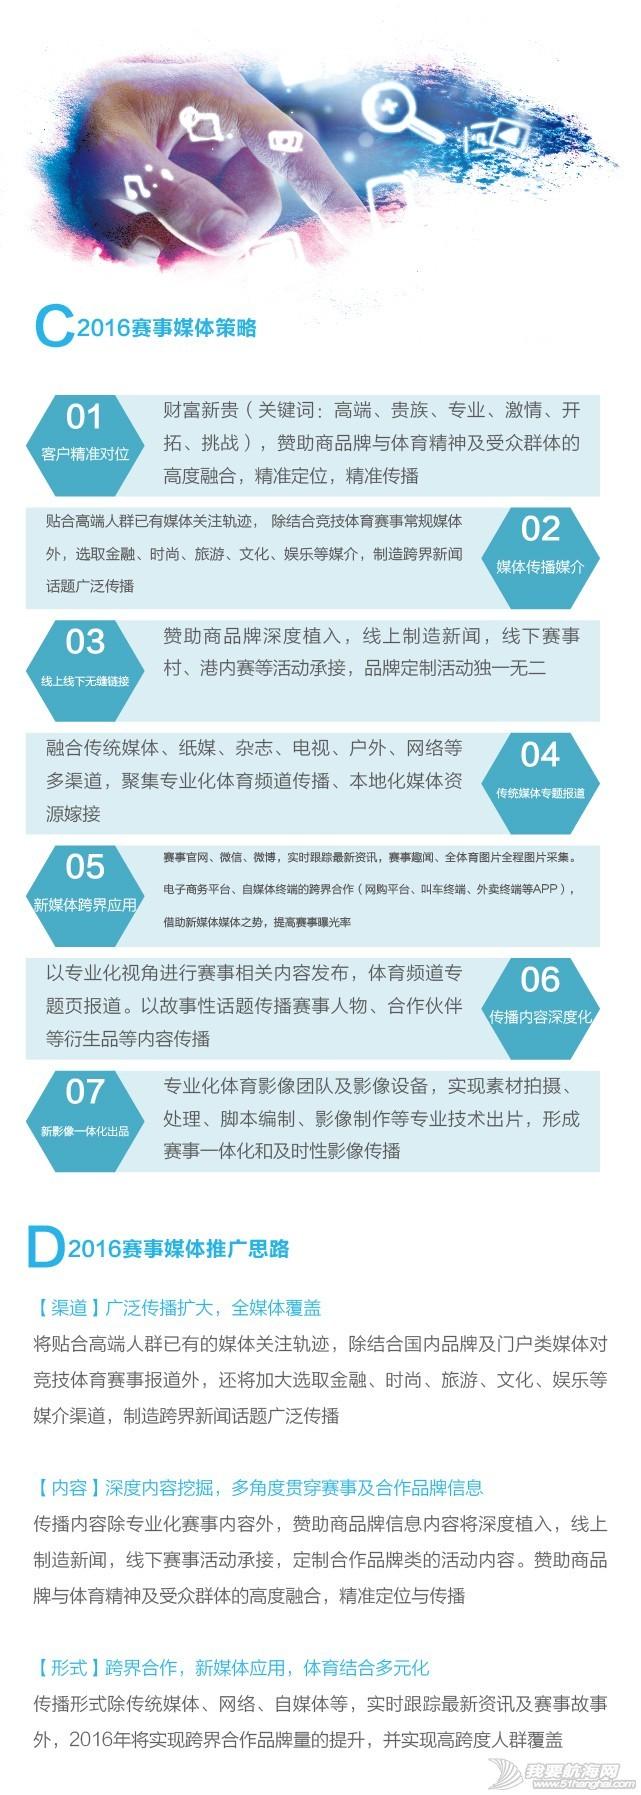 拉力赛,中国,渤海,帆船 2016中国环渤海帆船拉力赛 112209j4i5fs4tbp4ja949.jpg